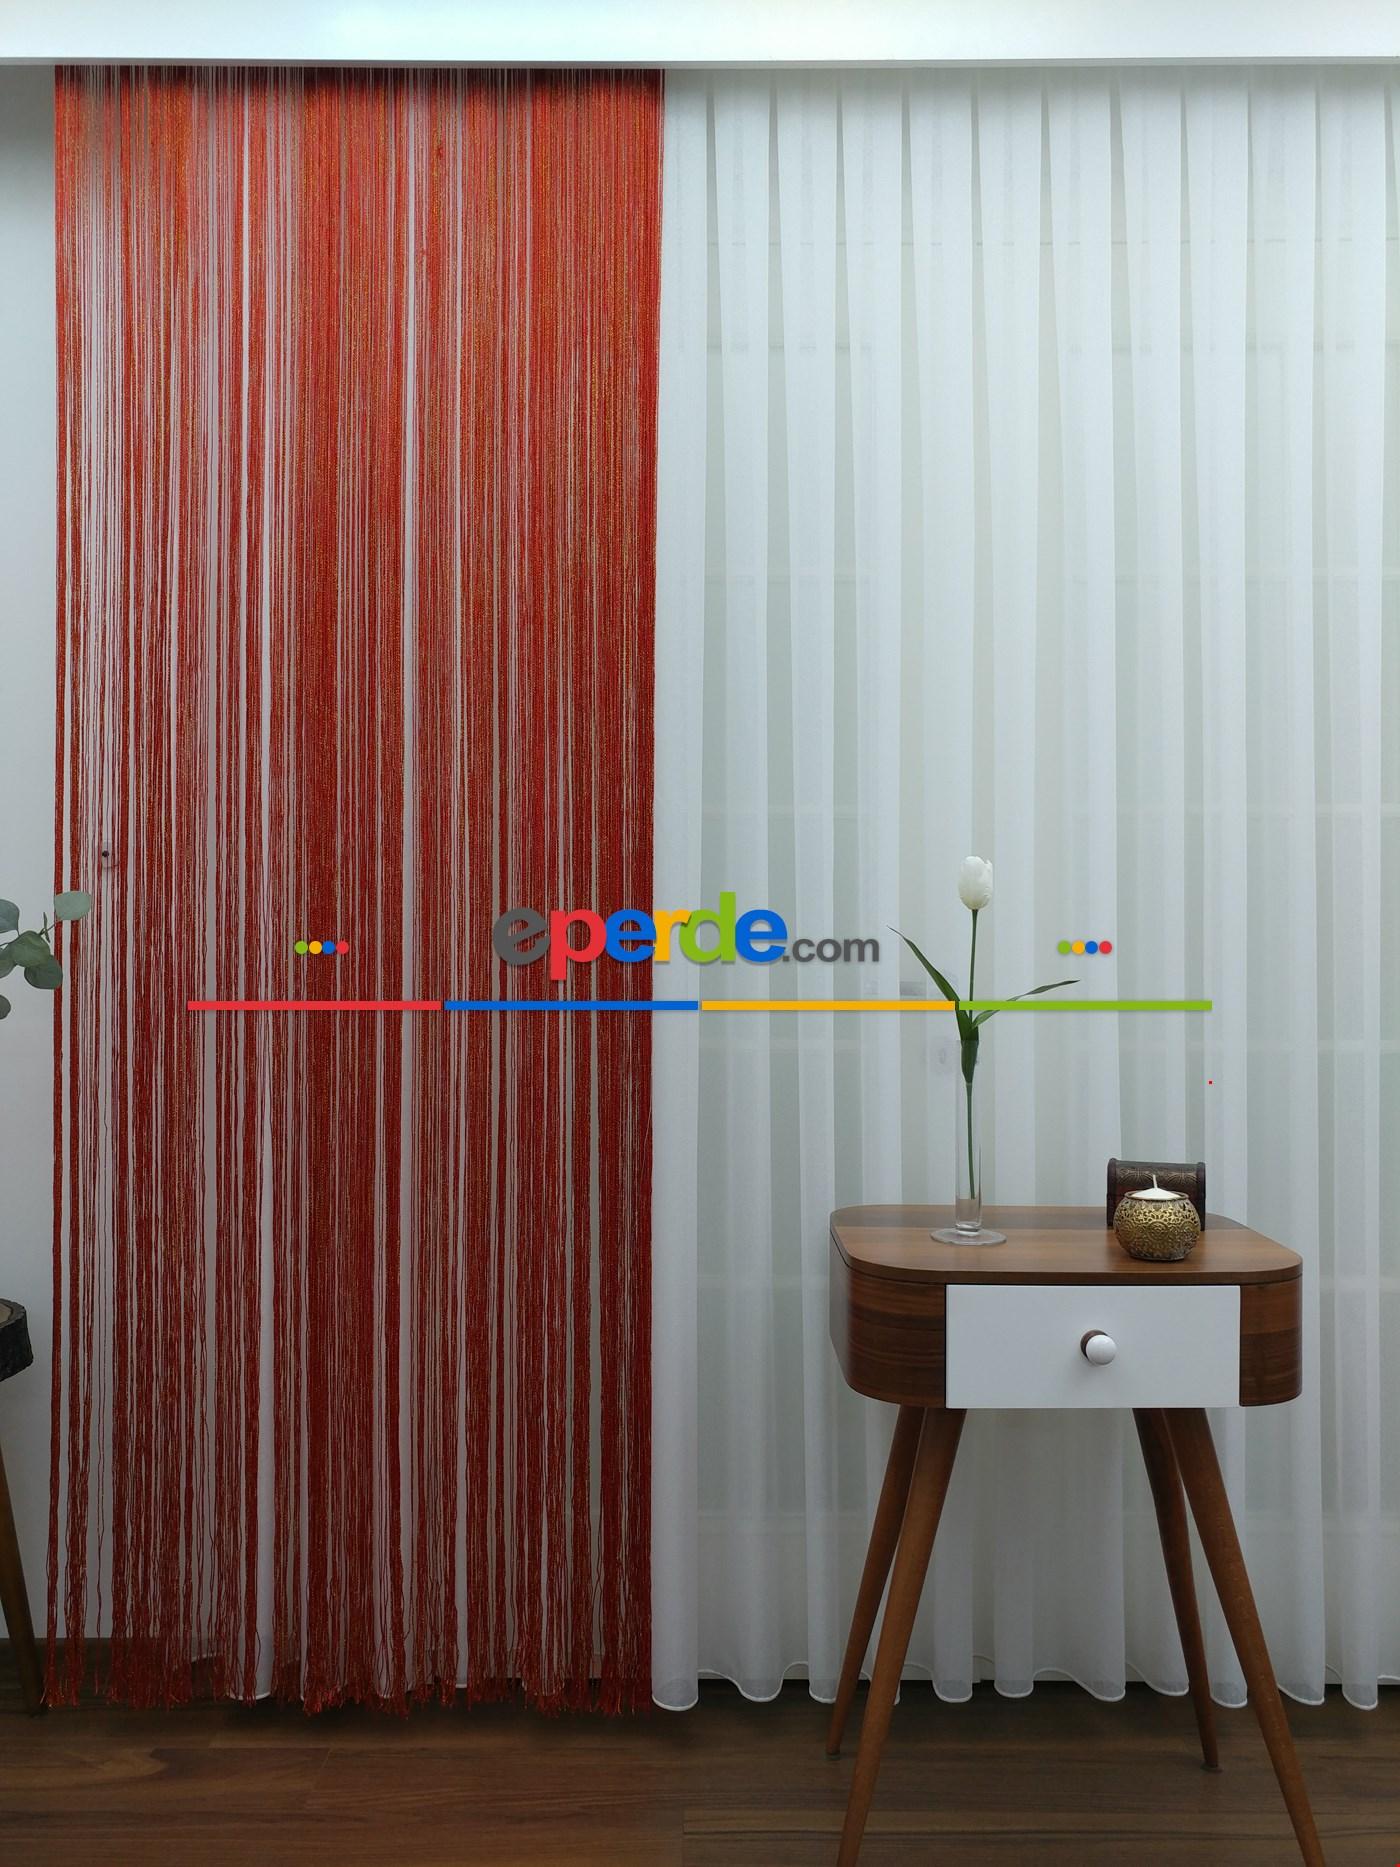 Kırmızı ( Altın Simli ) - İp Perde Simli Seri Kırmızı - Altın Simli